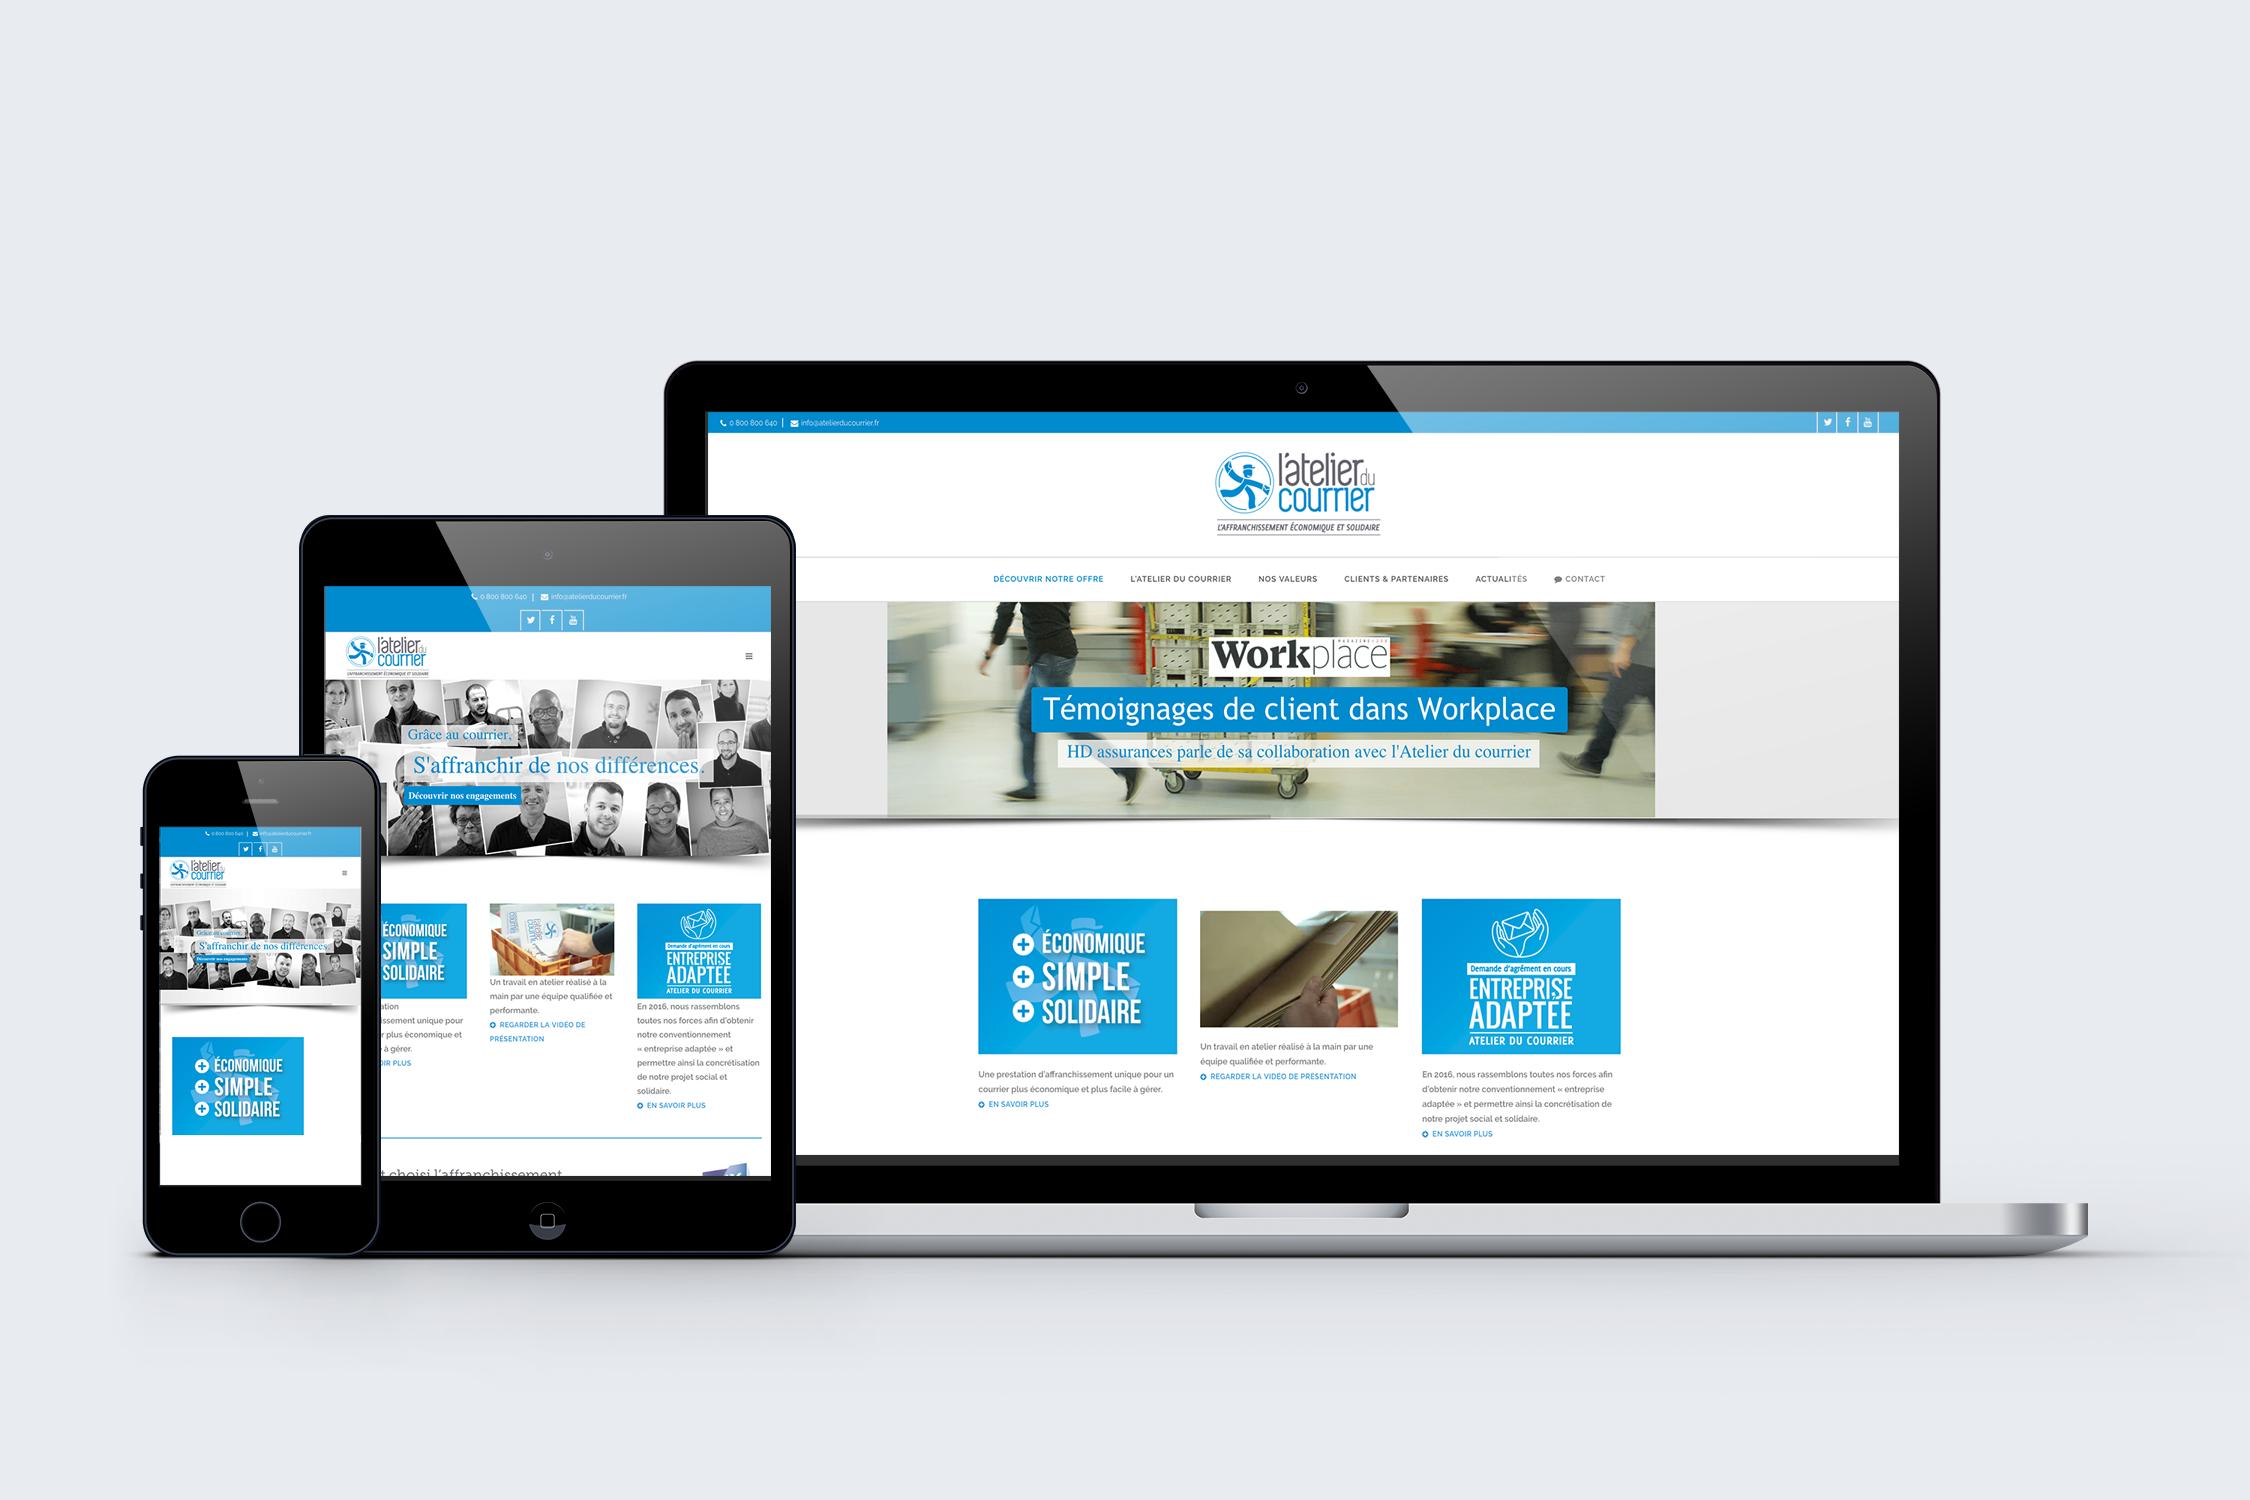 création site web Atelier du courrier